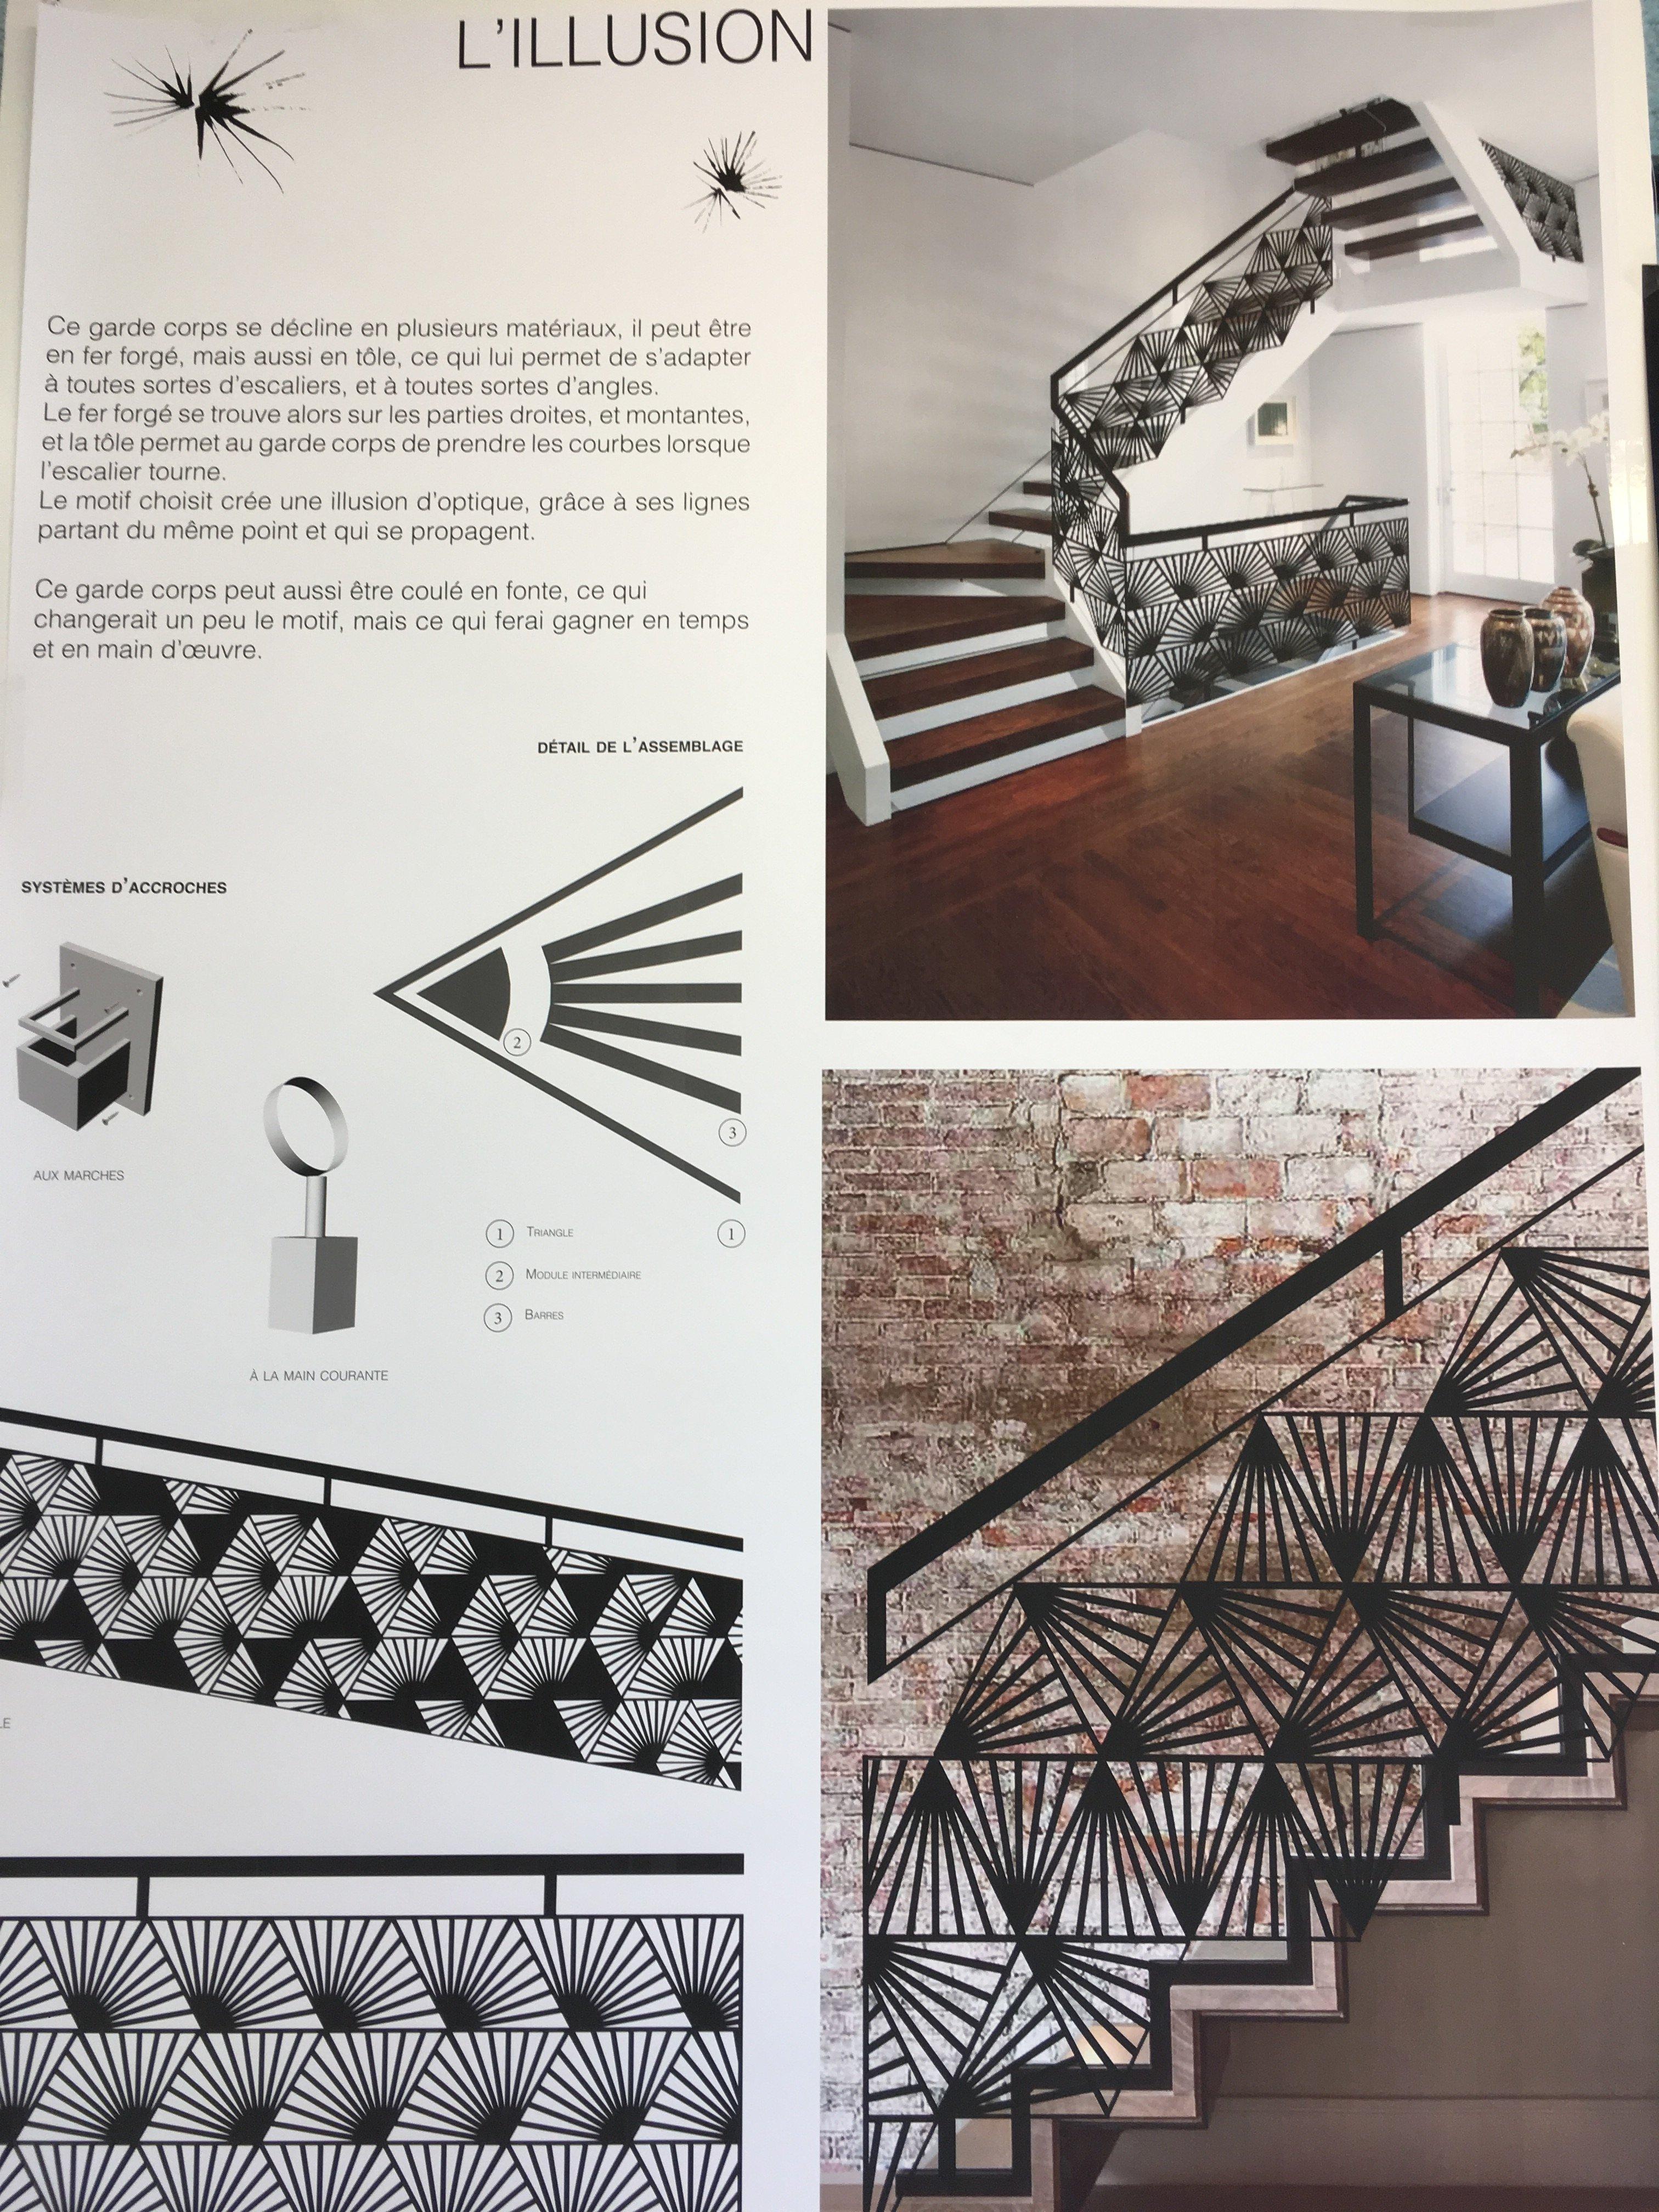 illusion d optique escalier impossible fe labyrinthe fable voie inexistante escalier en. Black Bedroom Furniture Sets. Home Design Ideas